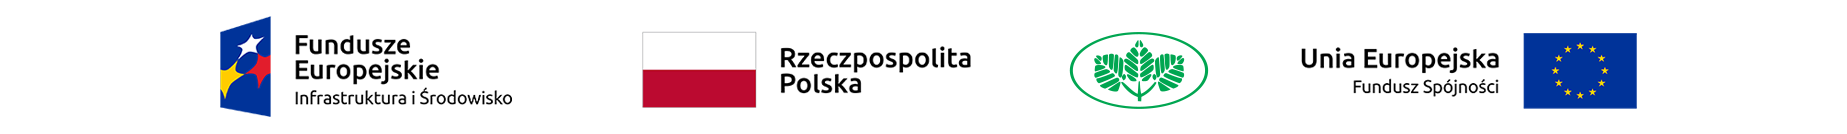 Logotyp informujący odofinansowaniu zawiera symbole: Fundusze Europejskie Infrastruktura iŚrodowisko, flaga Polski inapis Rzeczpospolita Polska, symbol trzech zielonych gałązek, Unia Europejska Fundusz Spójności